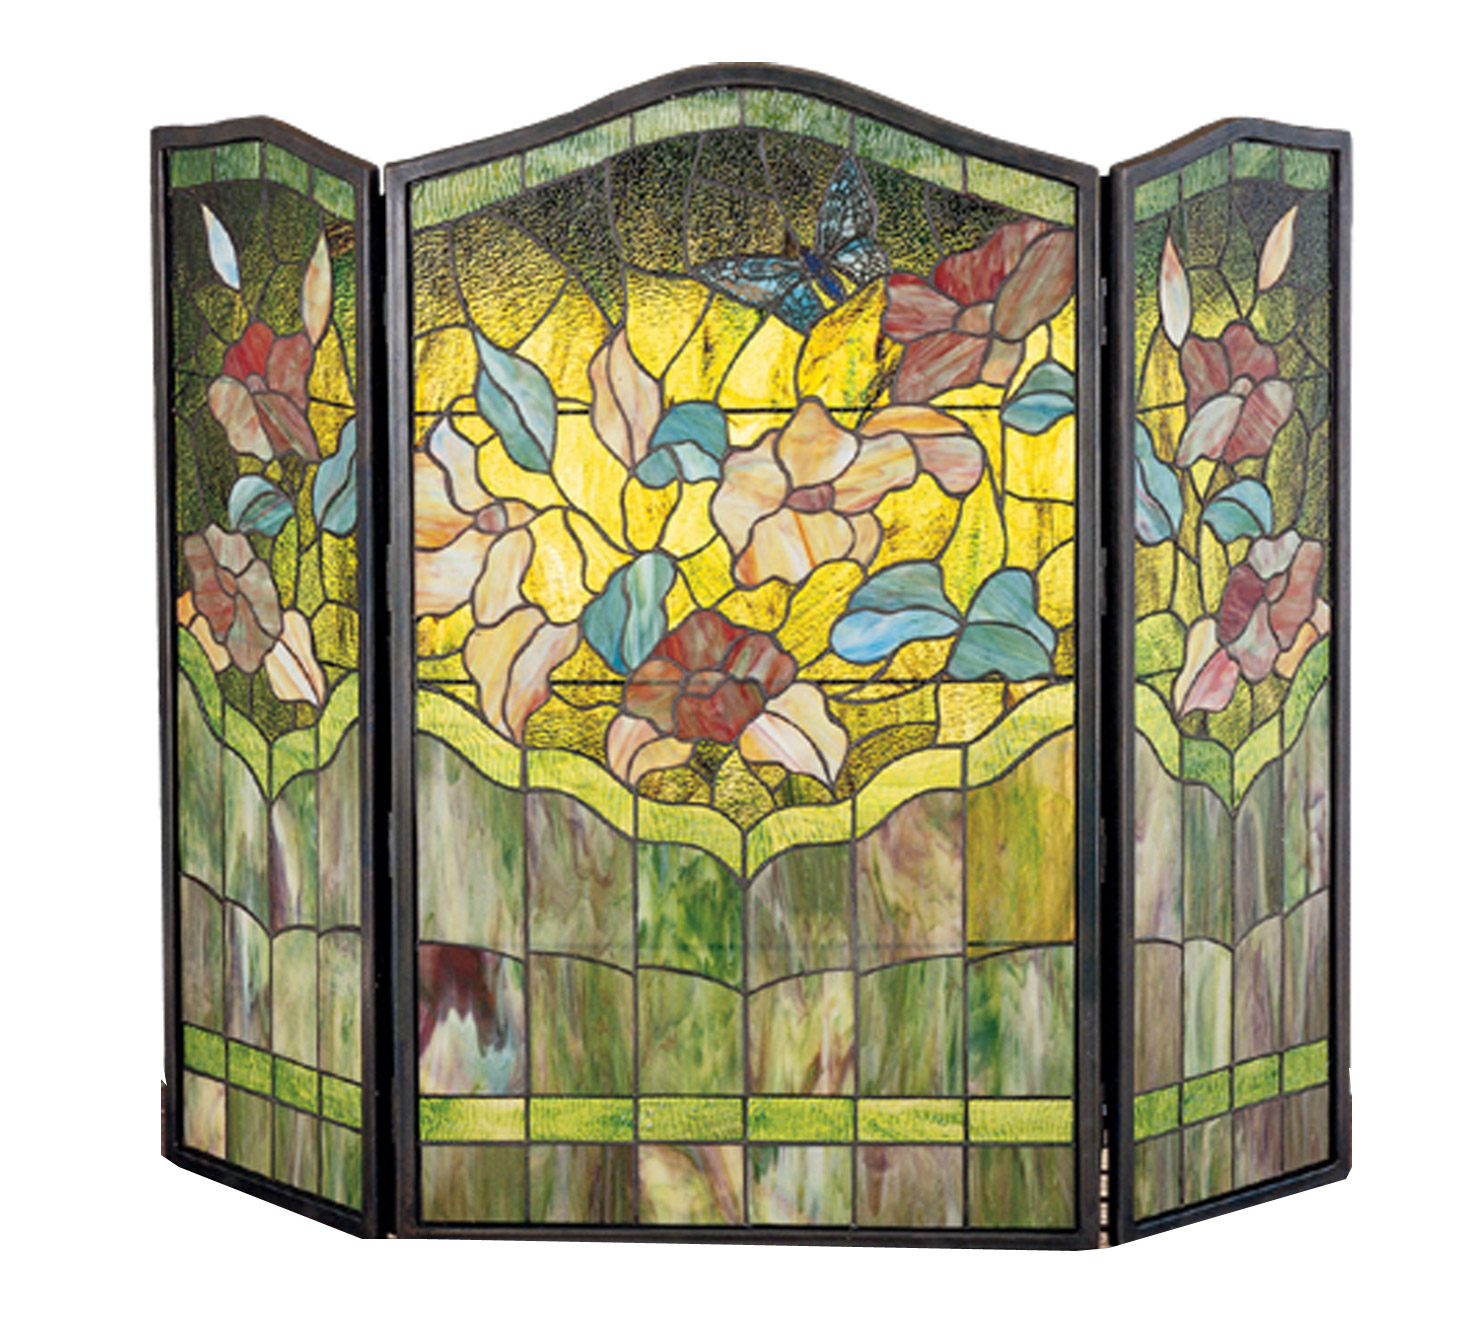 Meyda 27237 Tiffany Butterfly Folding Fireplace Screen